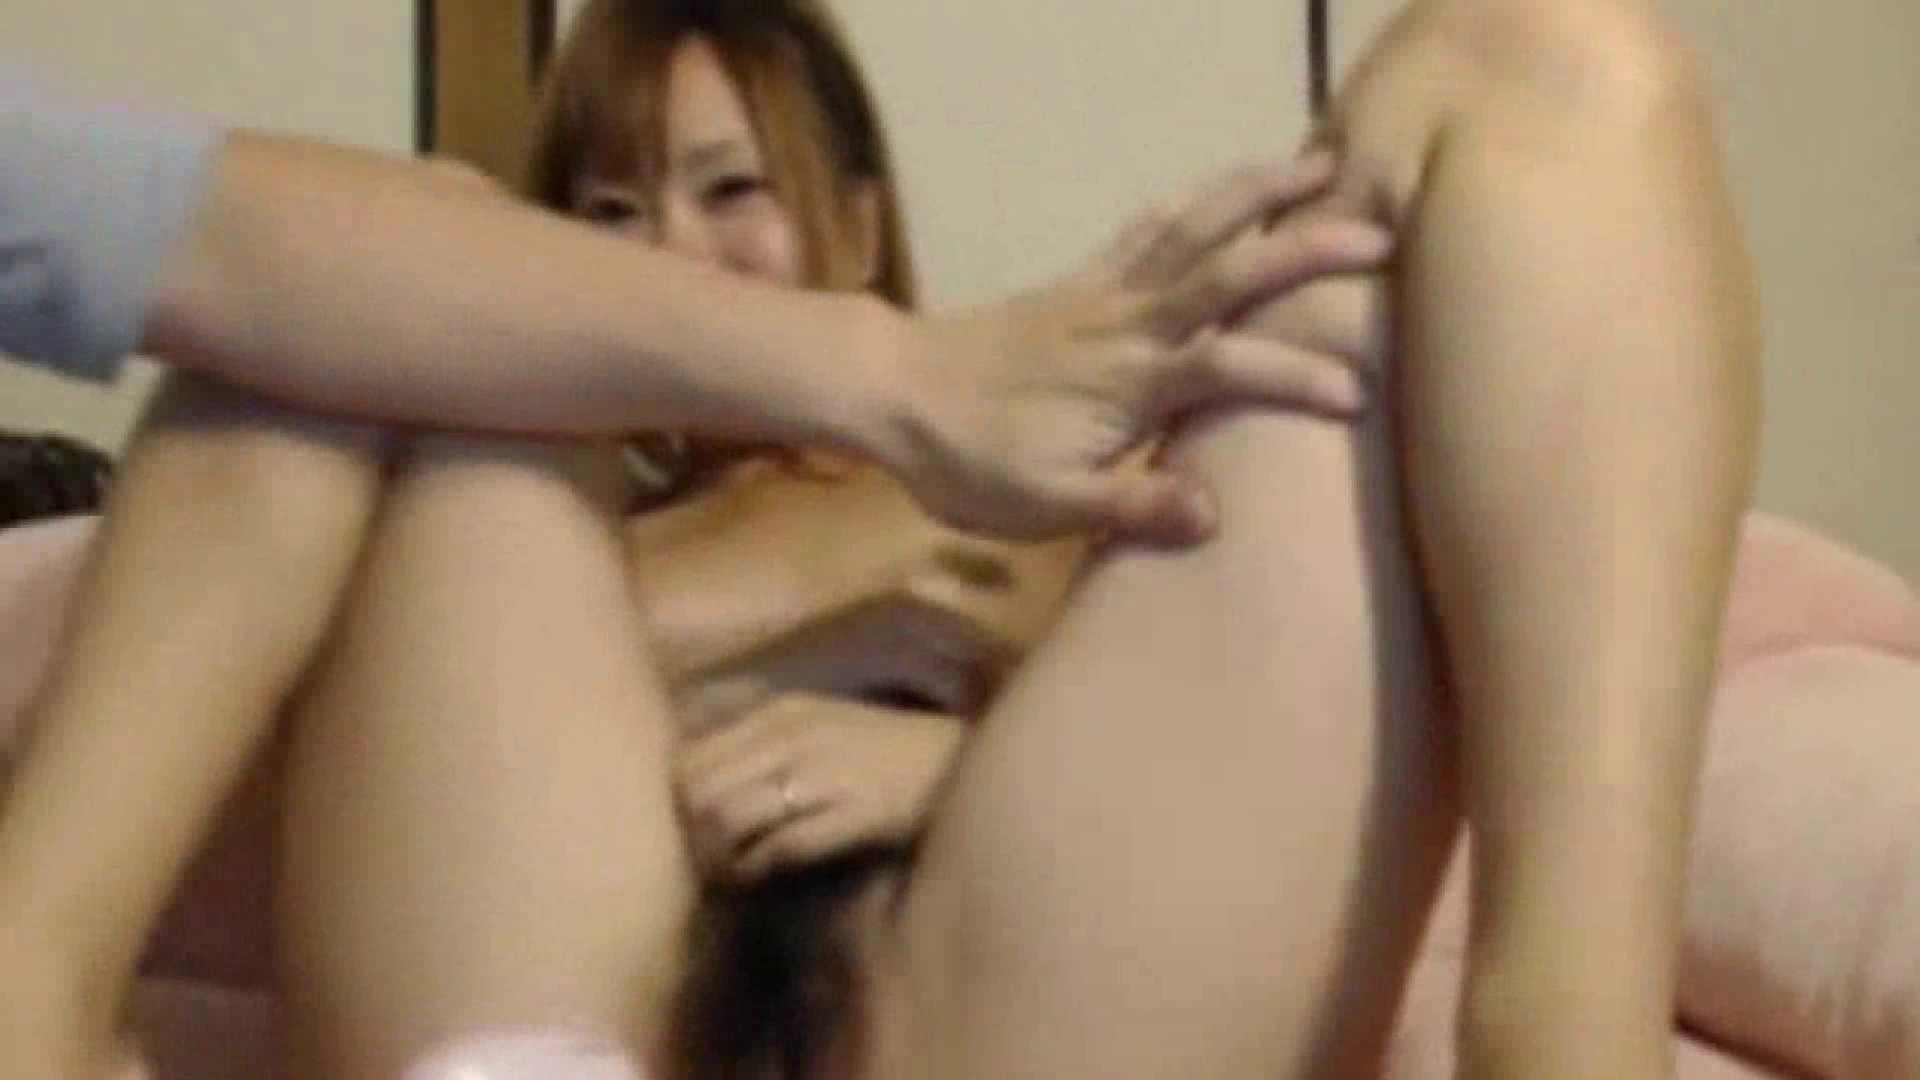 素人ギャル女良のハメ撮り!生チャット!Vol.13前編 素人 アダルト動画キャプチャ 8連発 7